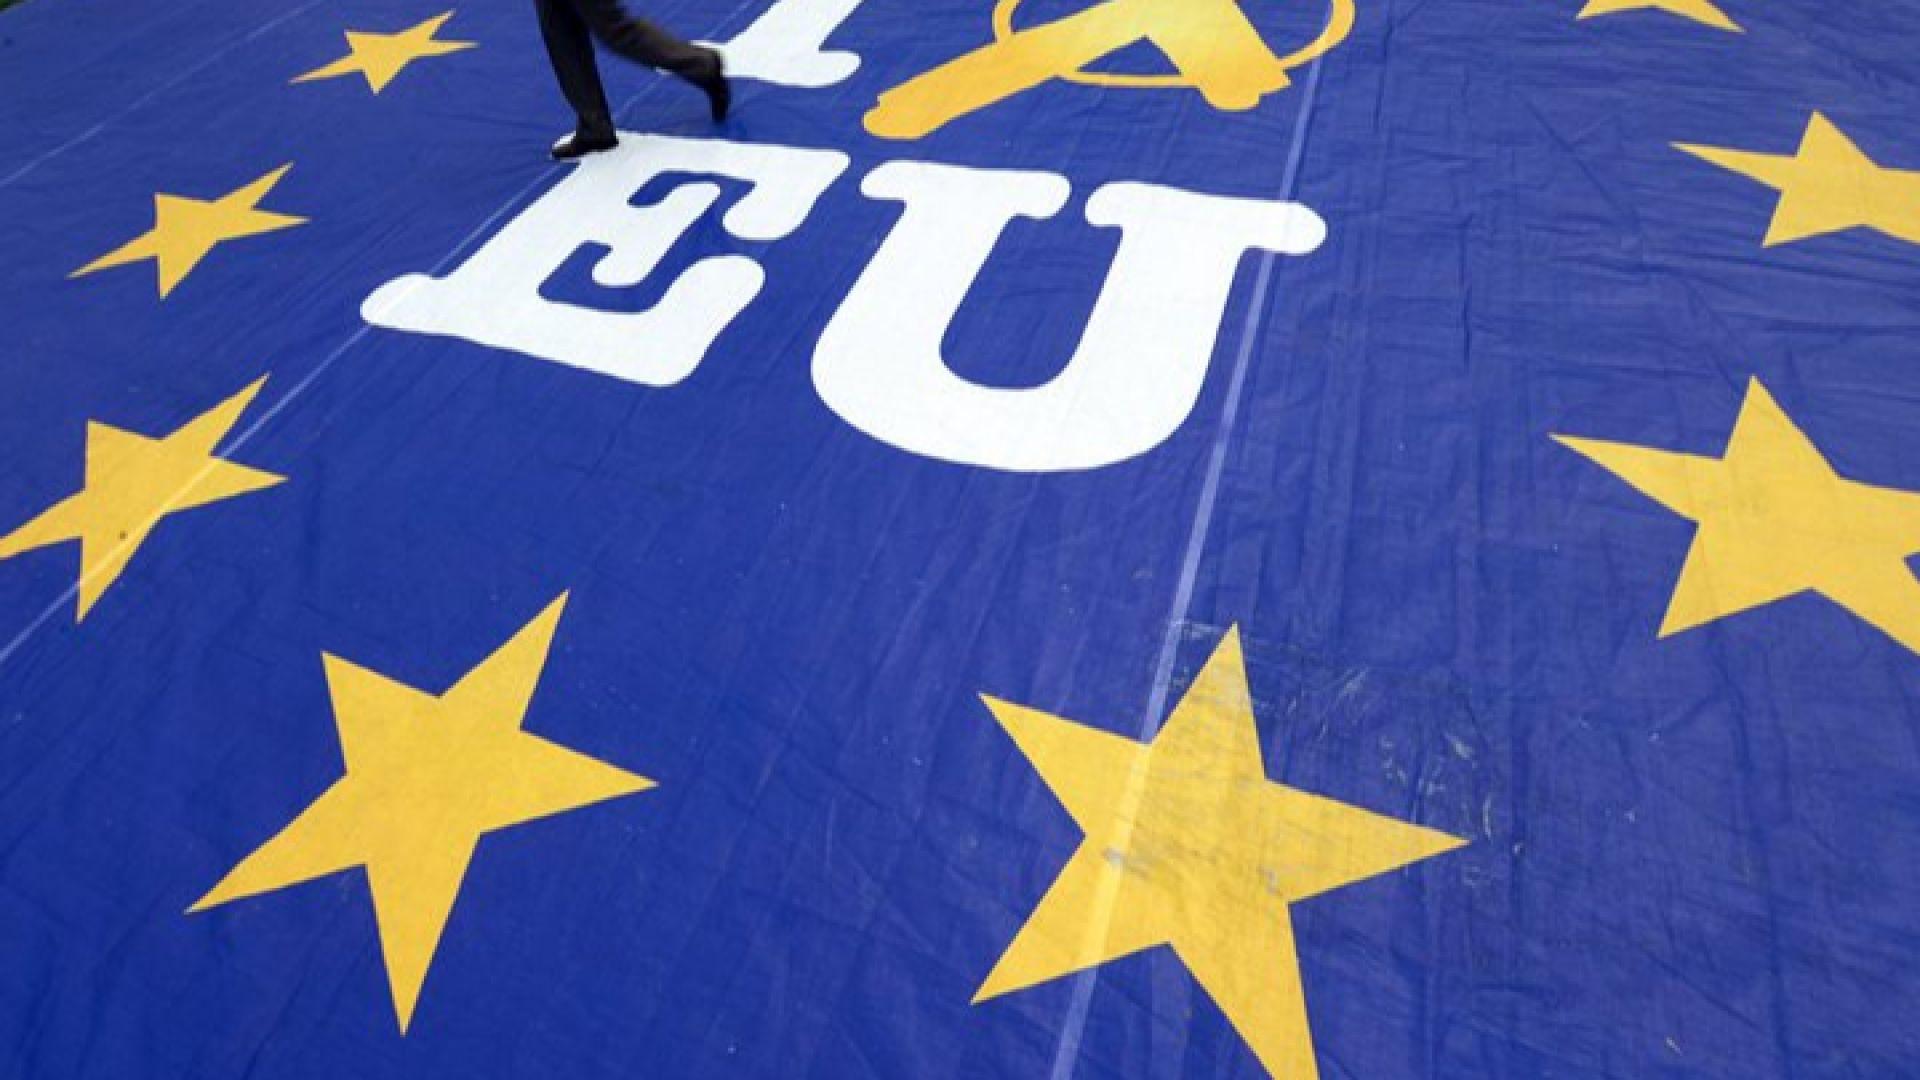 САЩ обвиниха ЕС в лицемерие  заради ответните мита